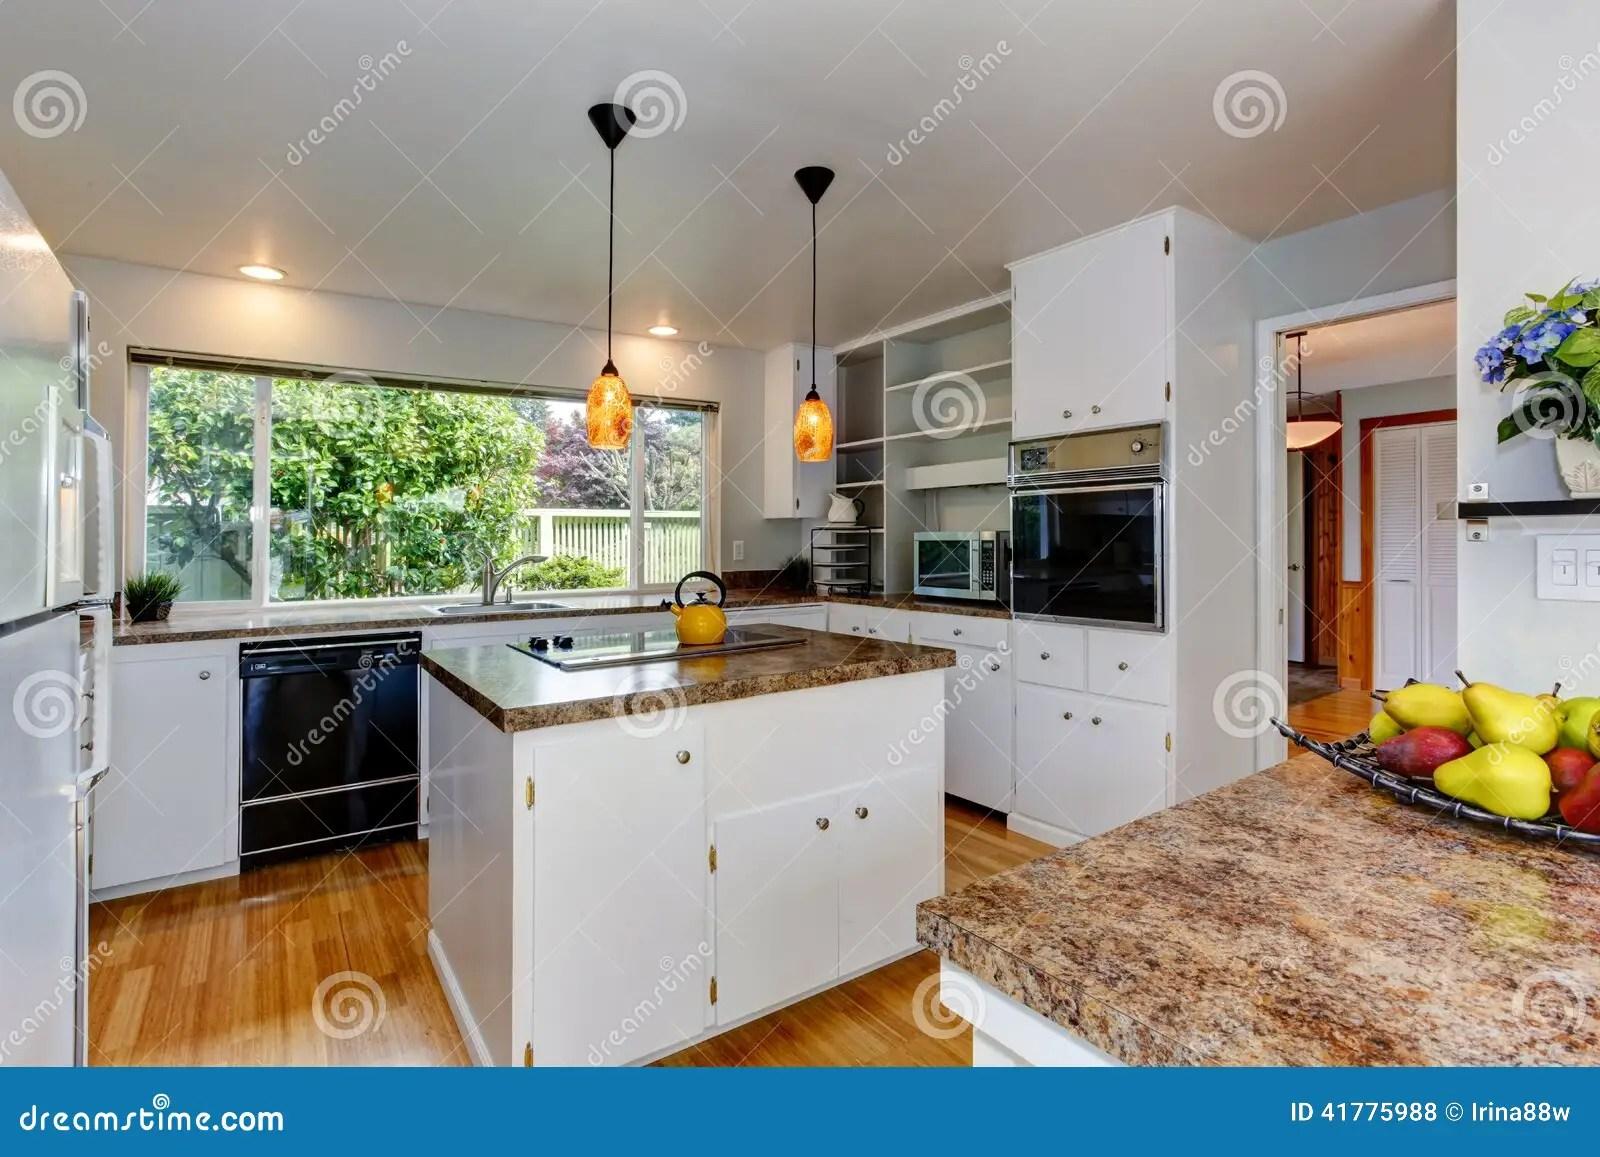 Sala Da Cozinha Com Janela Foto De Stock Imagem 41775988